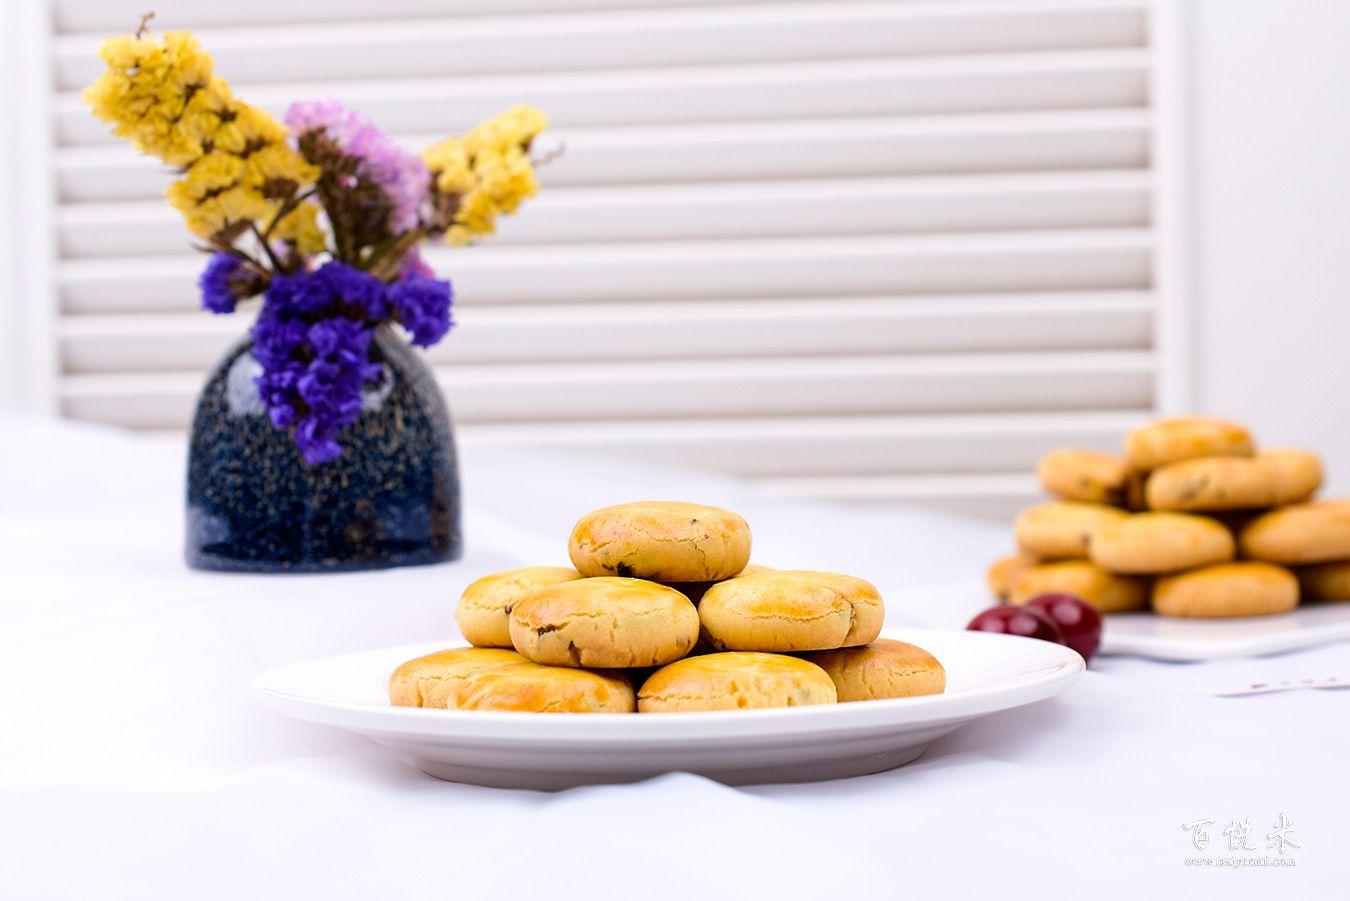 提子松饼饼干高清图片大全【蛋糕图片】_652